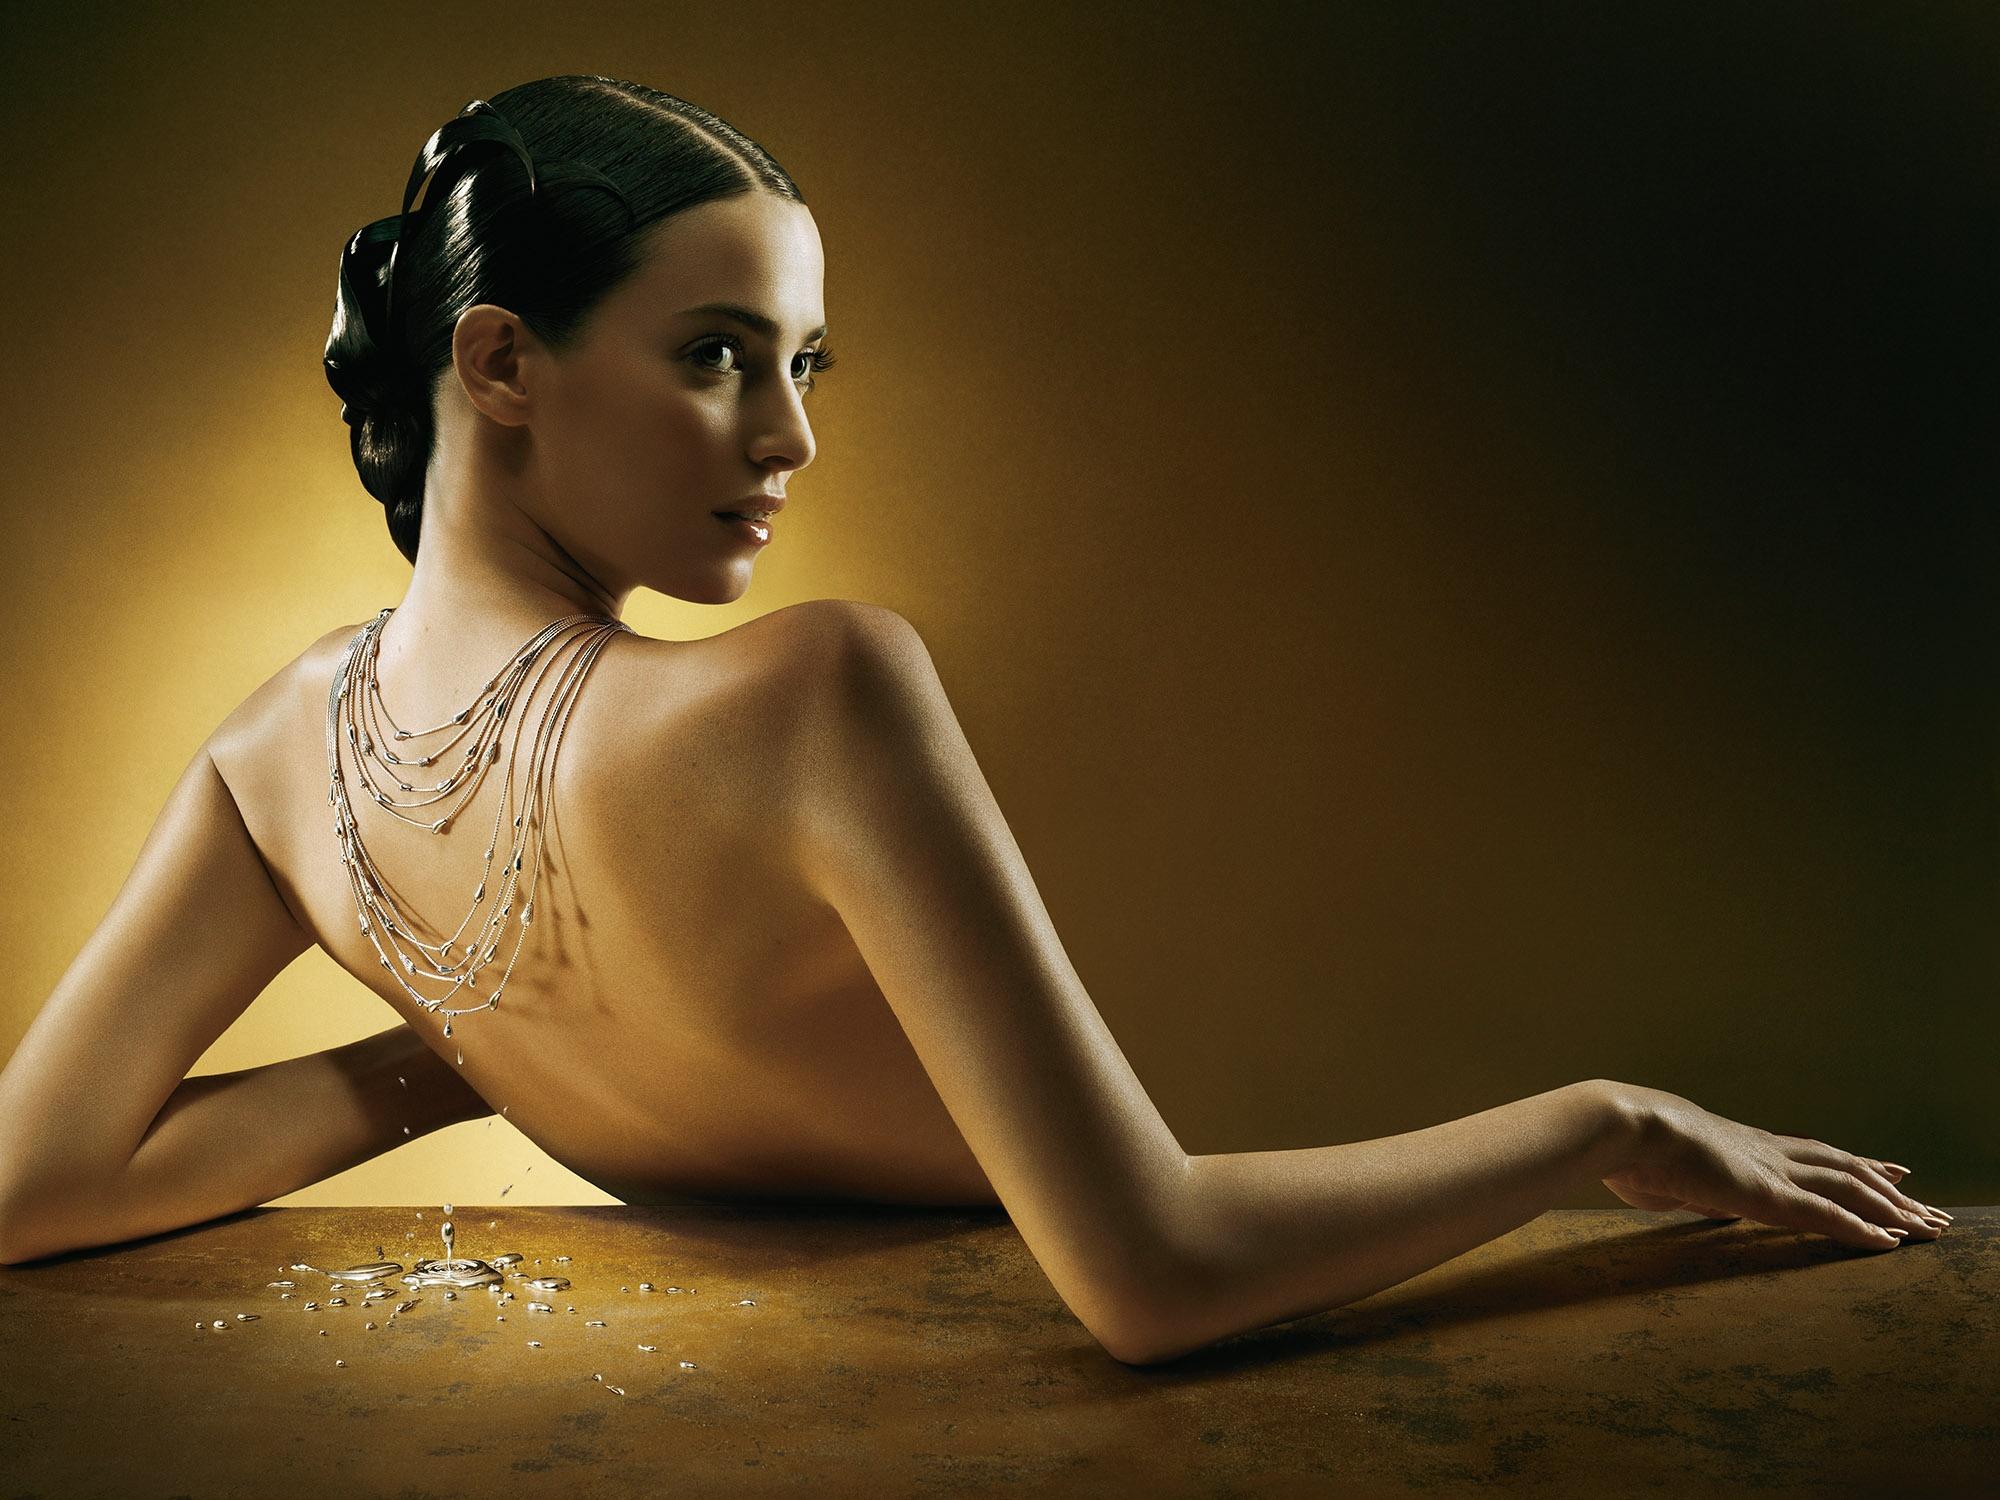 Фото девушки спиной в украшениях